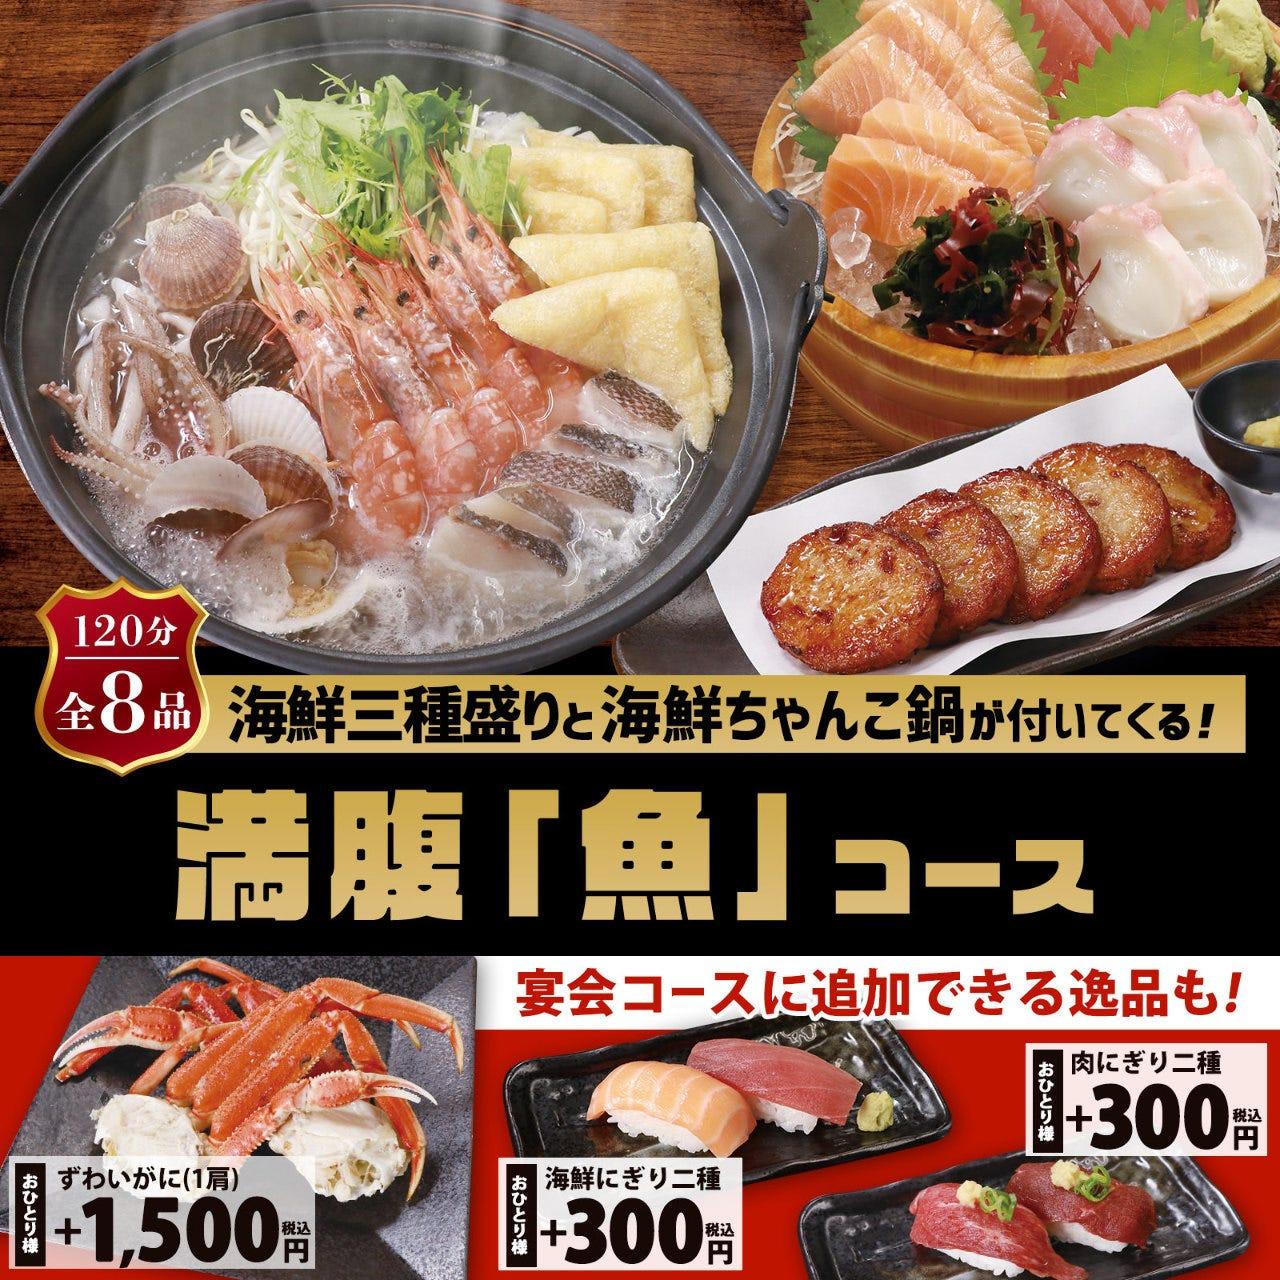 ≪2時間飲み放題≫海鮮三種盛りとお出汁が選べる海鮮ちゃんこ鍋のついた満腹「魚」コース【8品】